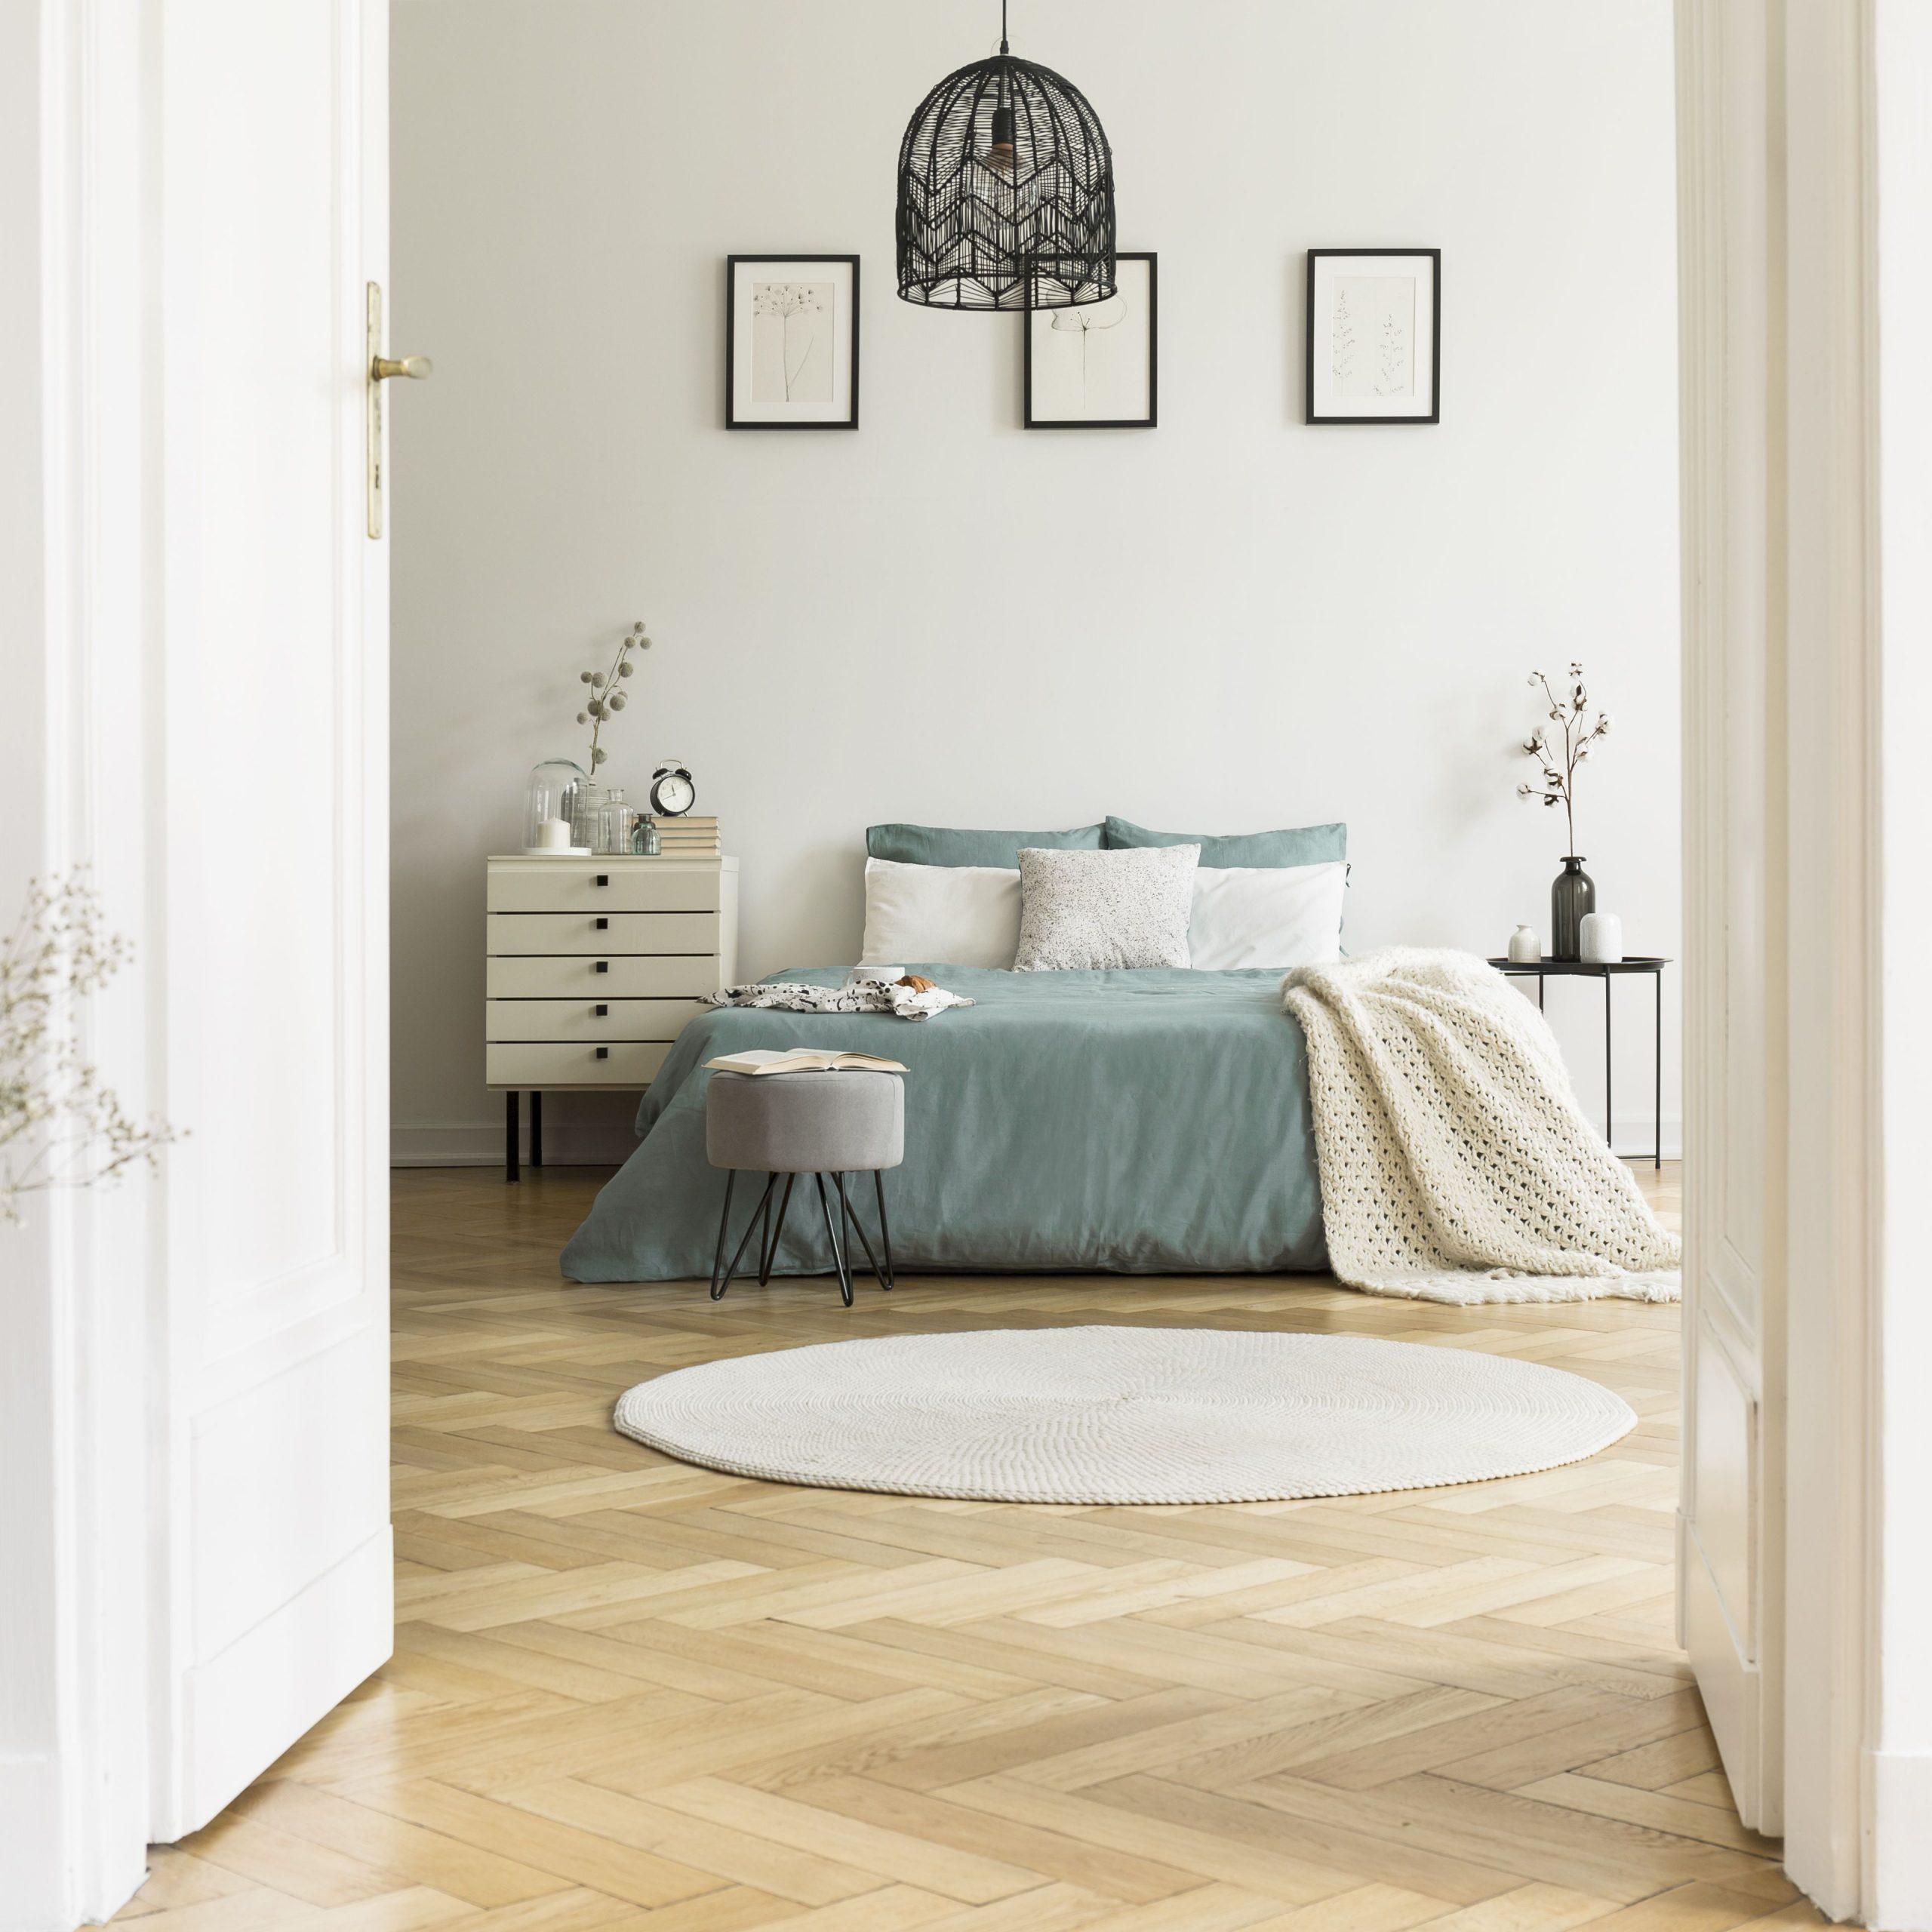 اصول طراحی اتاق خواب منحصر به فرد!